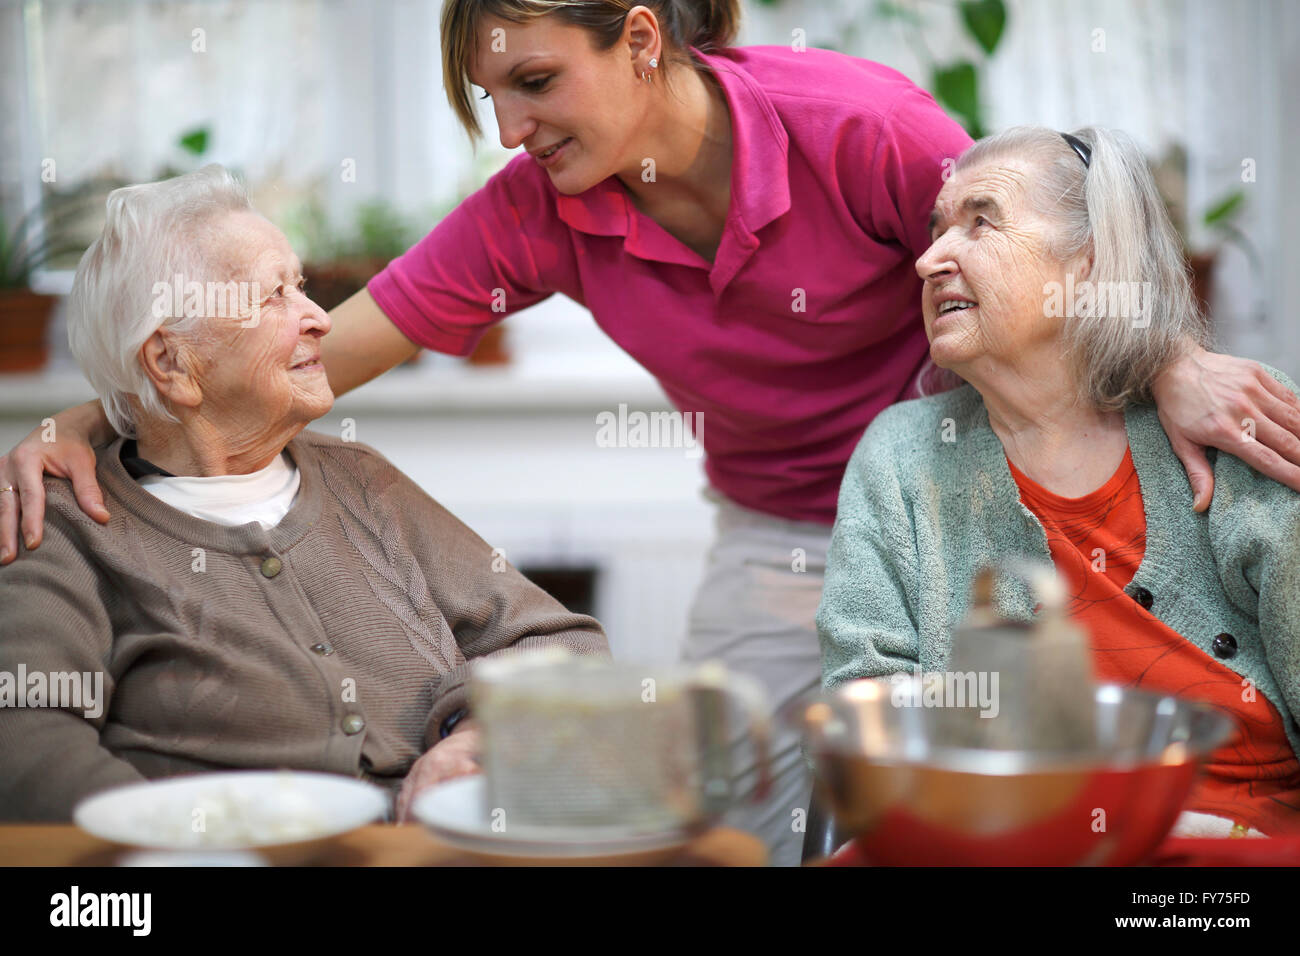 Dos mujeres de edad, 78 años y 88 años, y un cuidador de ancianos, de 31 años, actividades de ocio Imagen De Stock